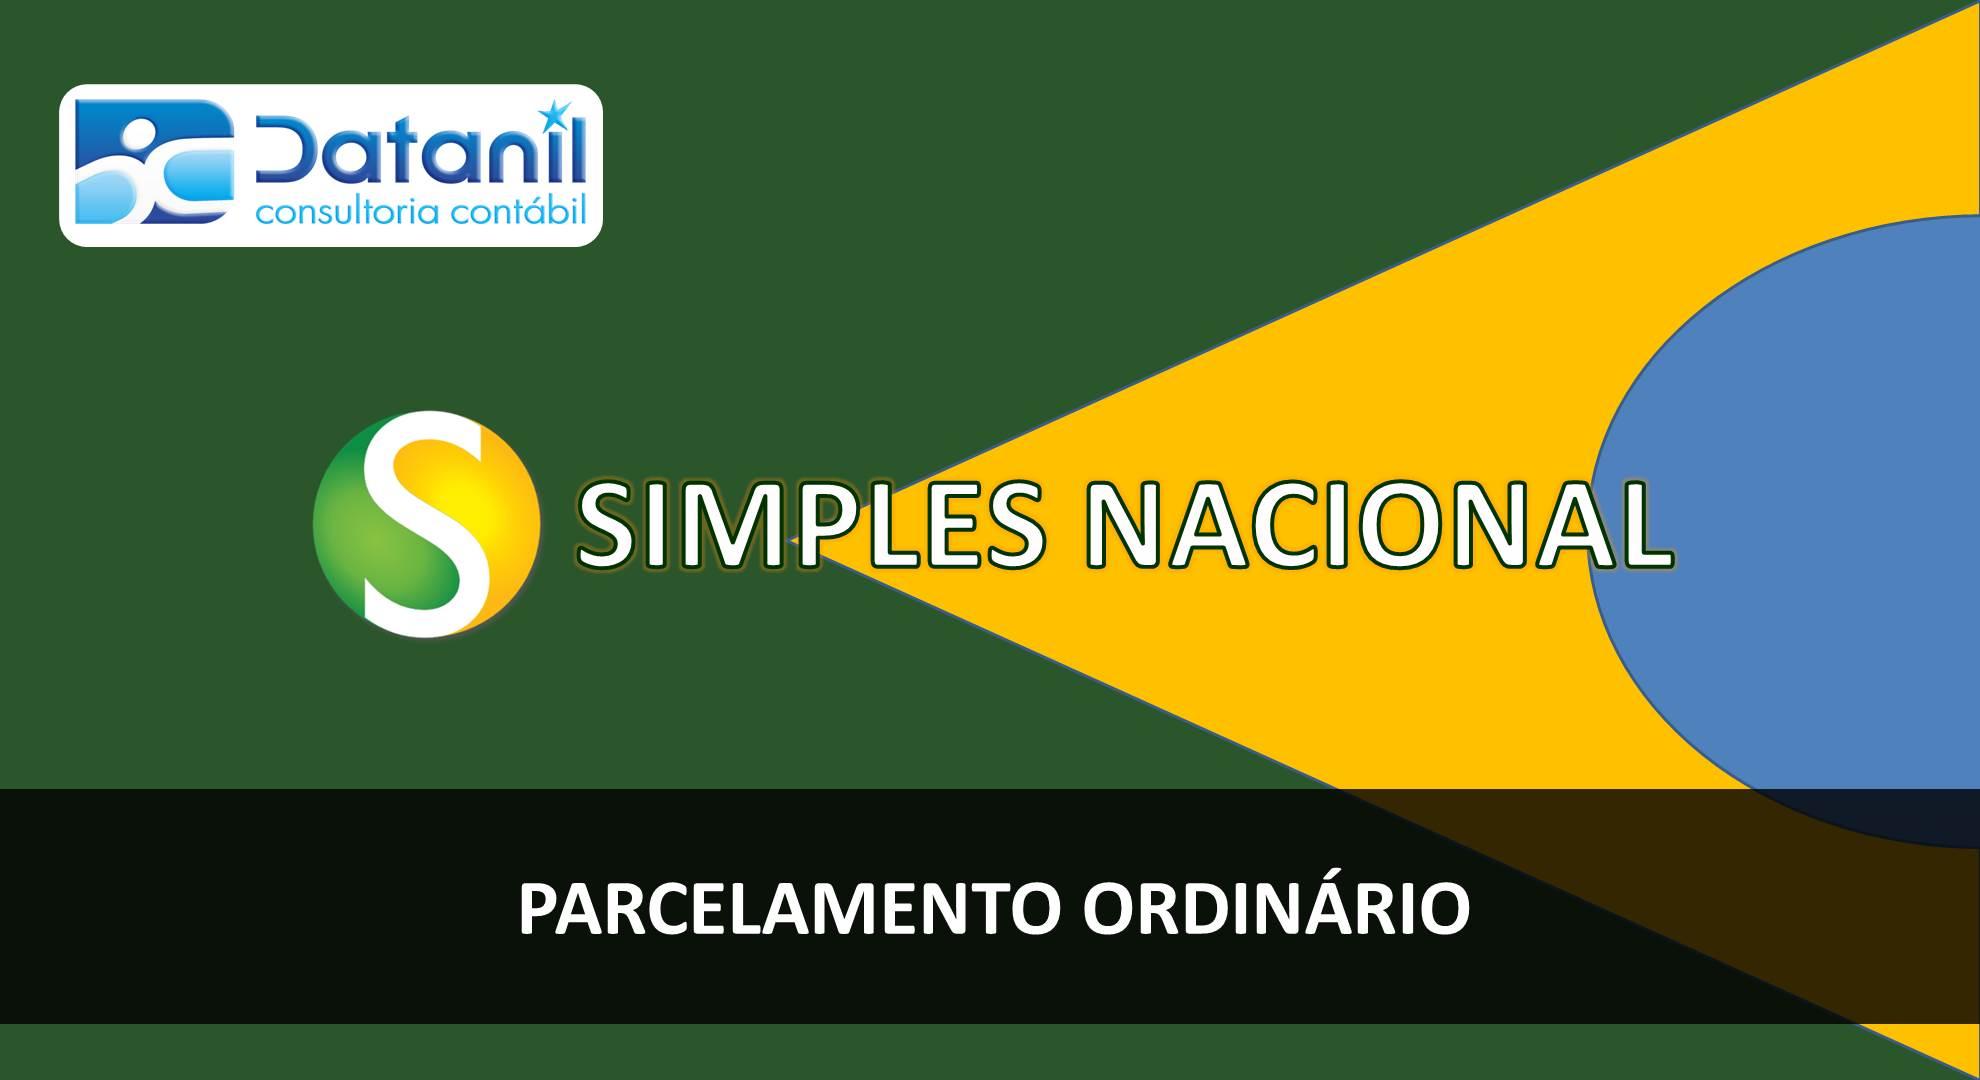 Simples Nacional – Parcelamento Ordinário